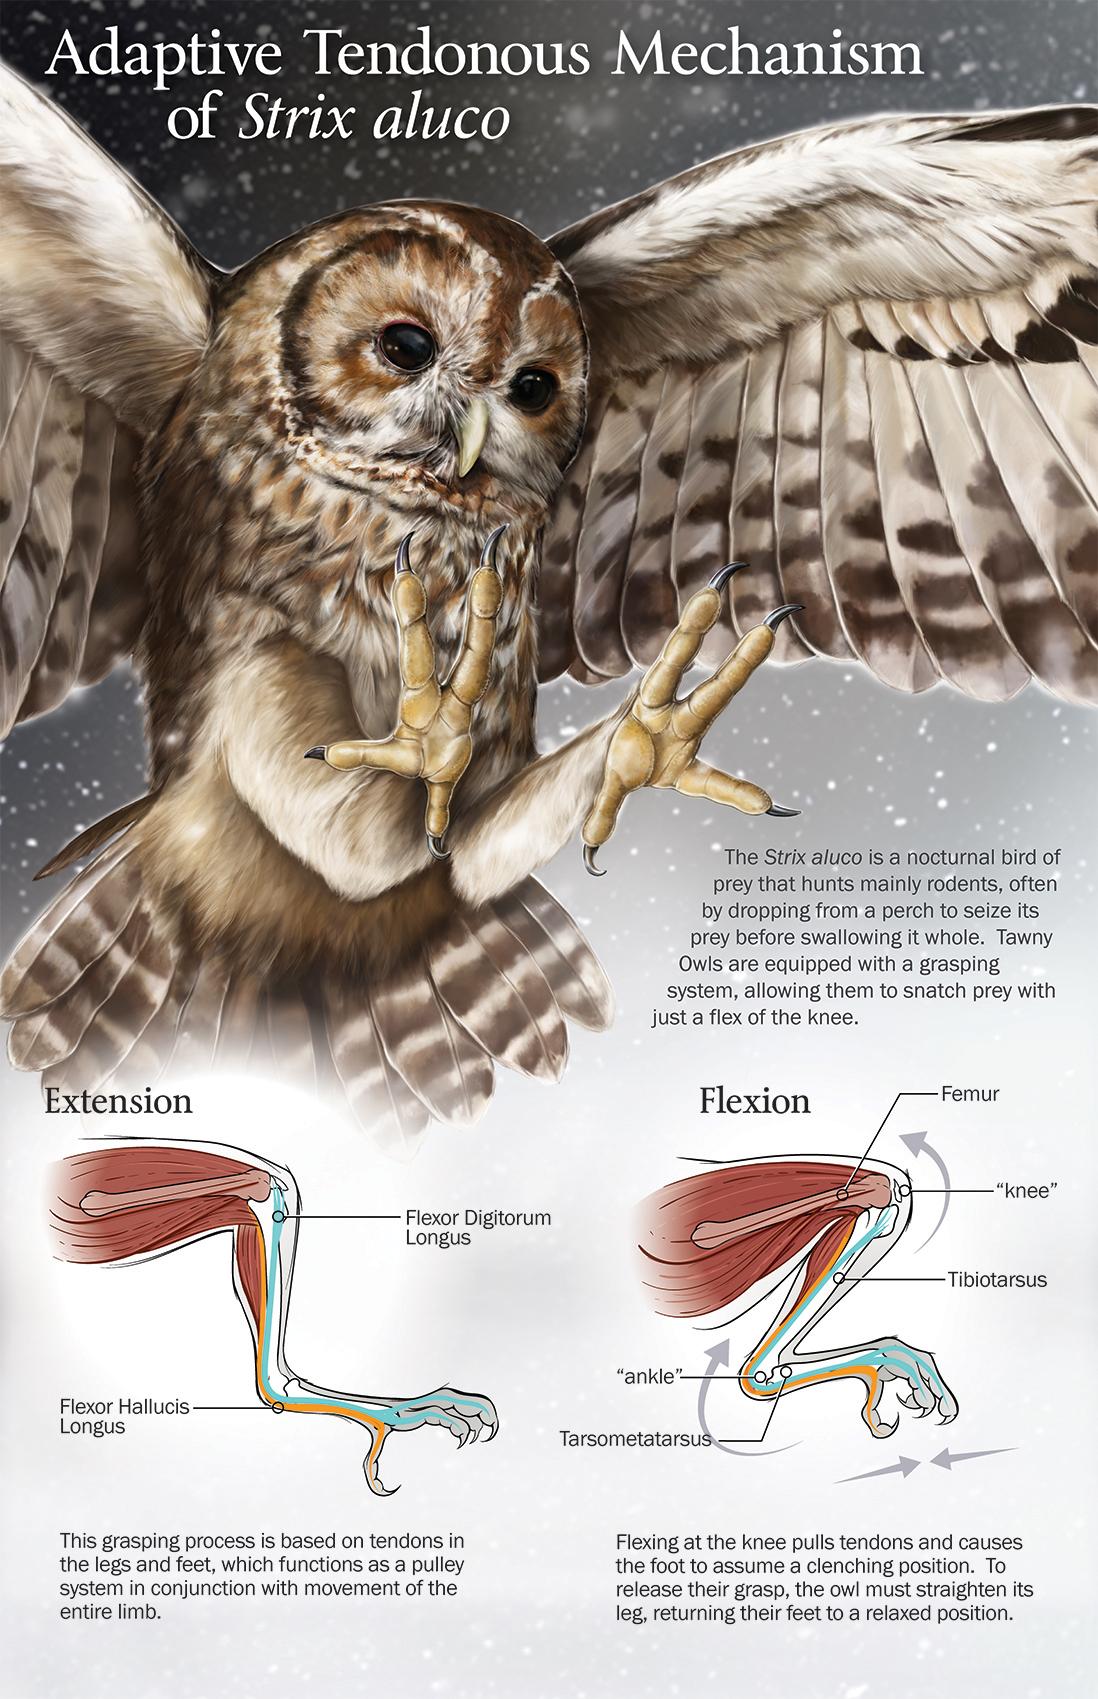 Zoological Illustration of the Tawny Owl